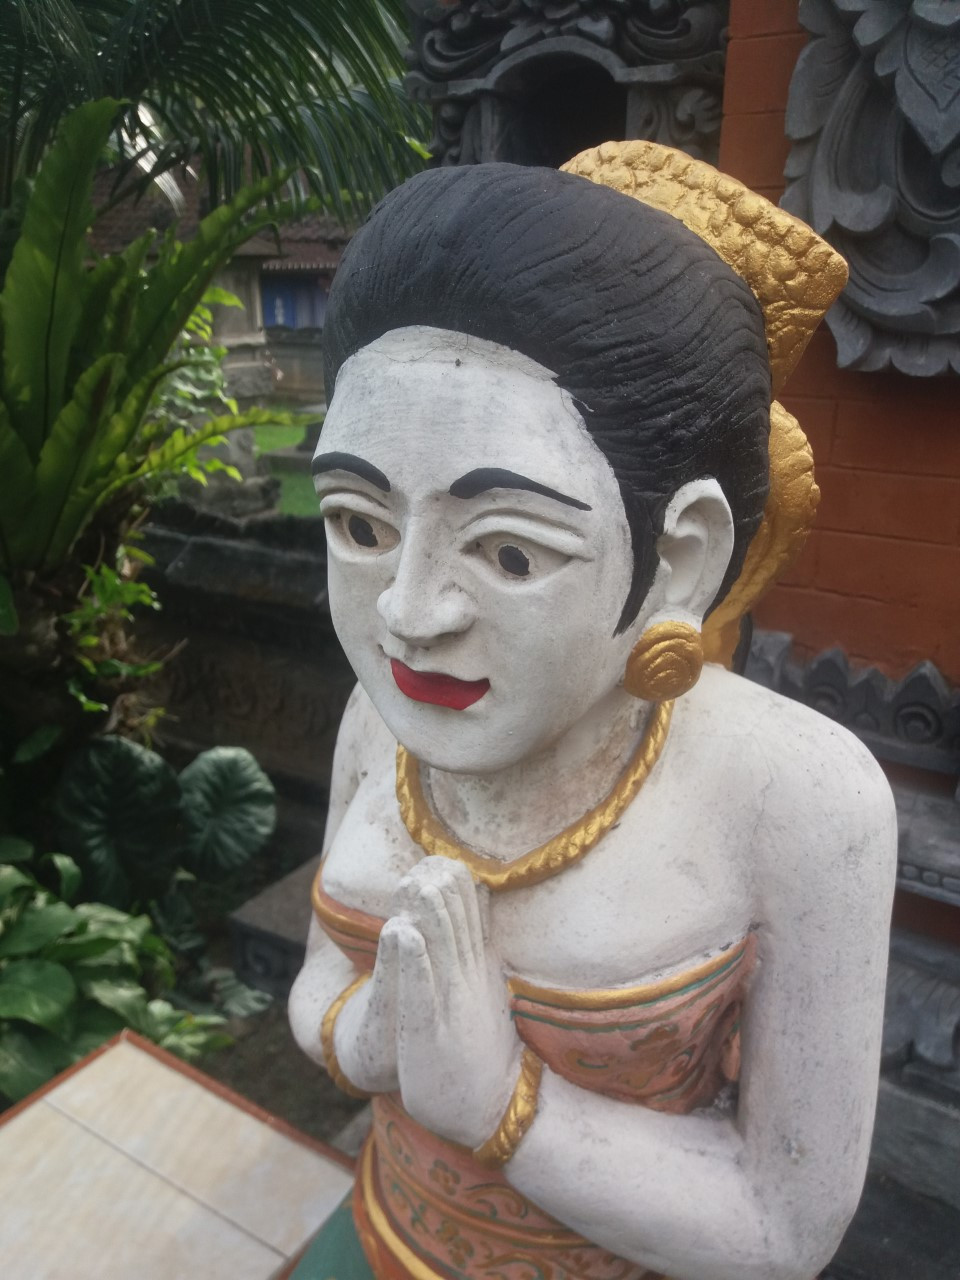 Näiden 15 vinkin avulla loma Balilla sujuu myönteisissä merkeissä.